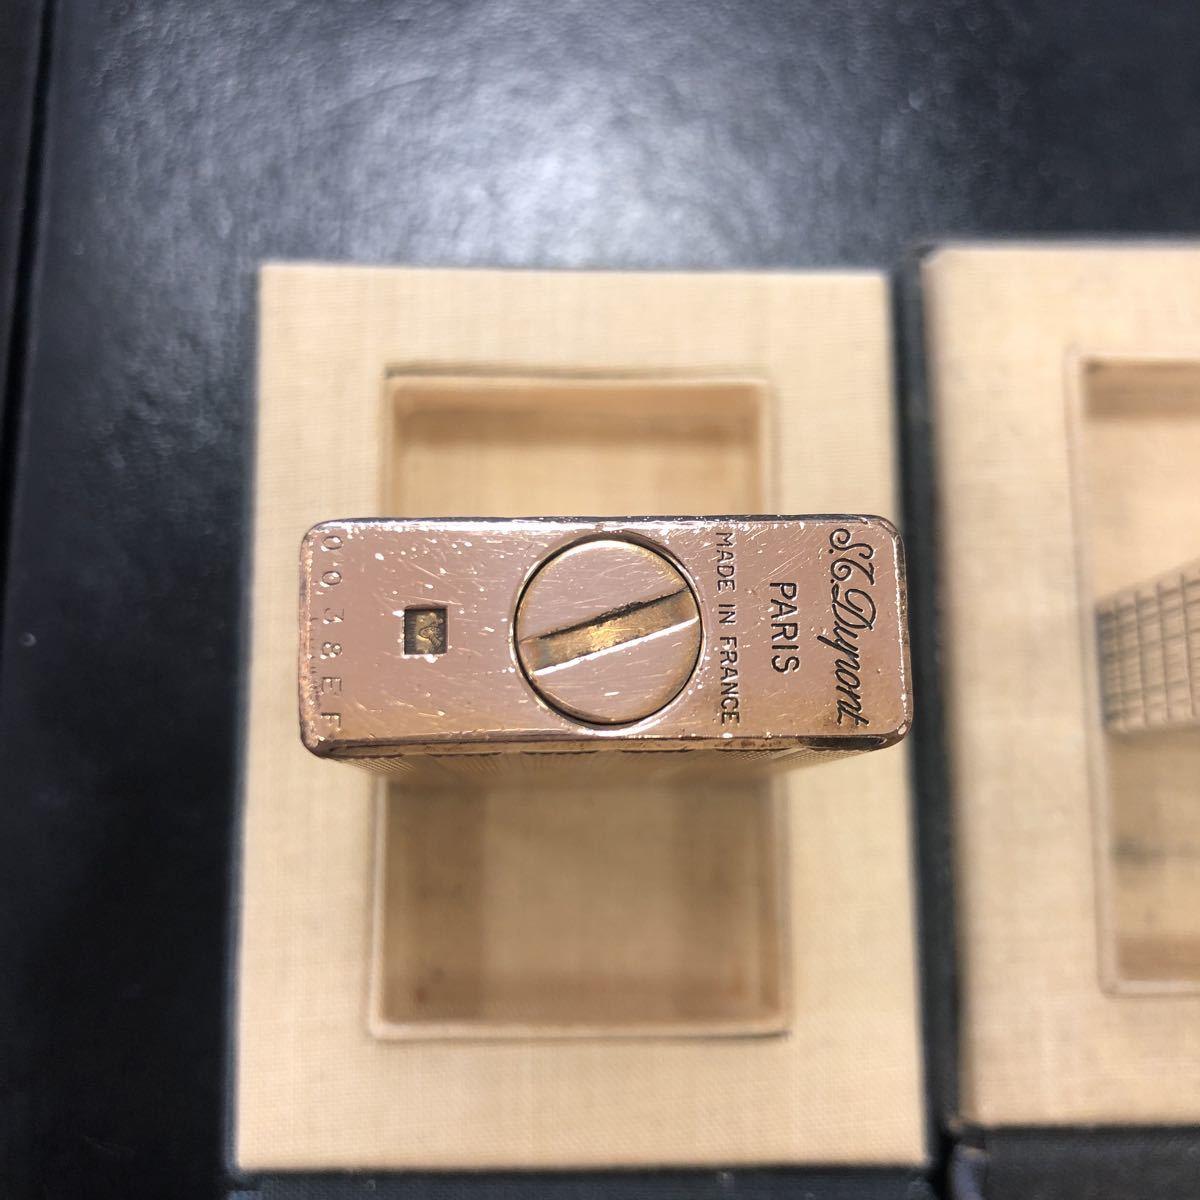 【ジャンク品】Dupont デュポン ガスライター シルバー色 ゴールド色 計2点 箱付き ギャラ 取説_画像8